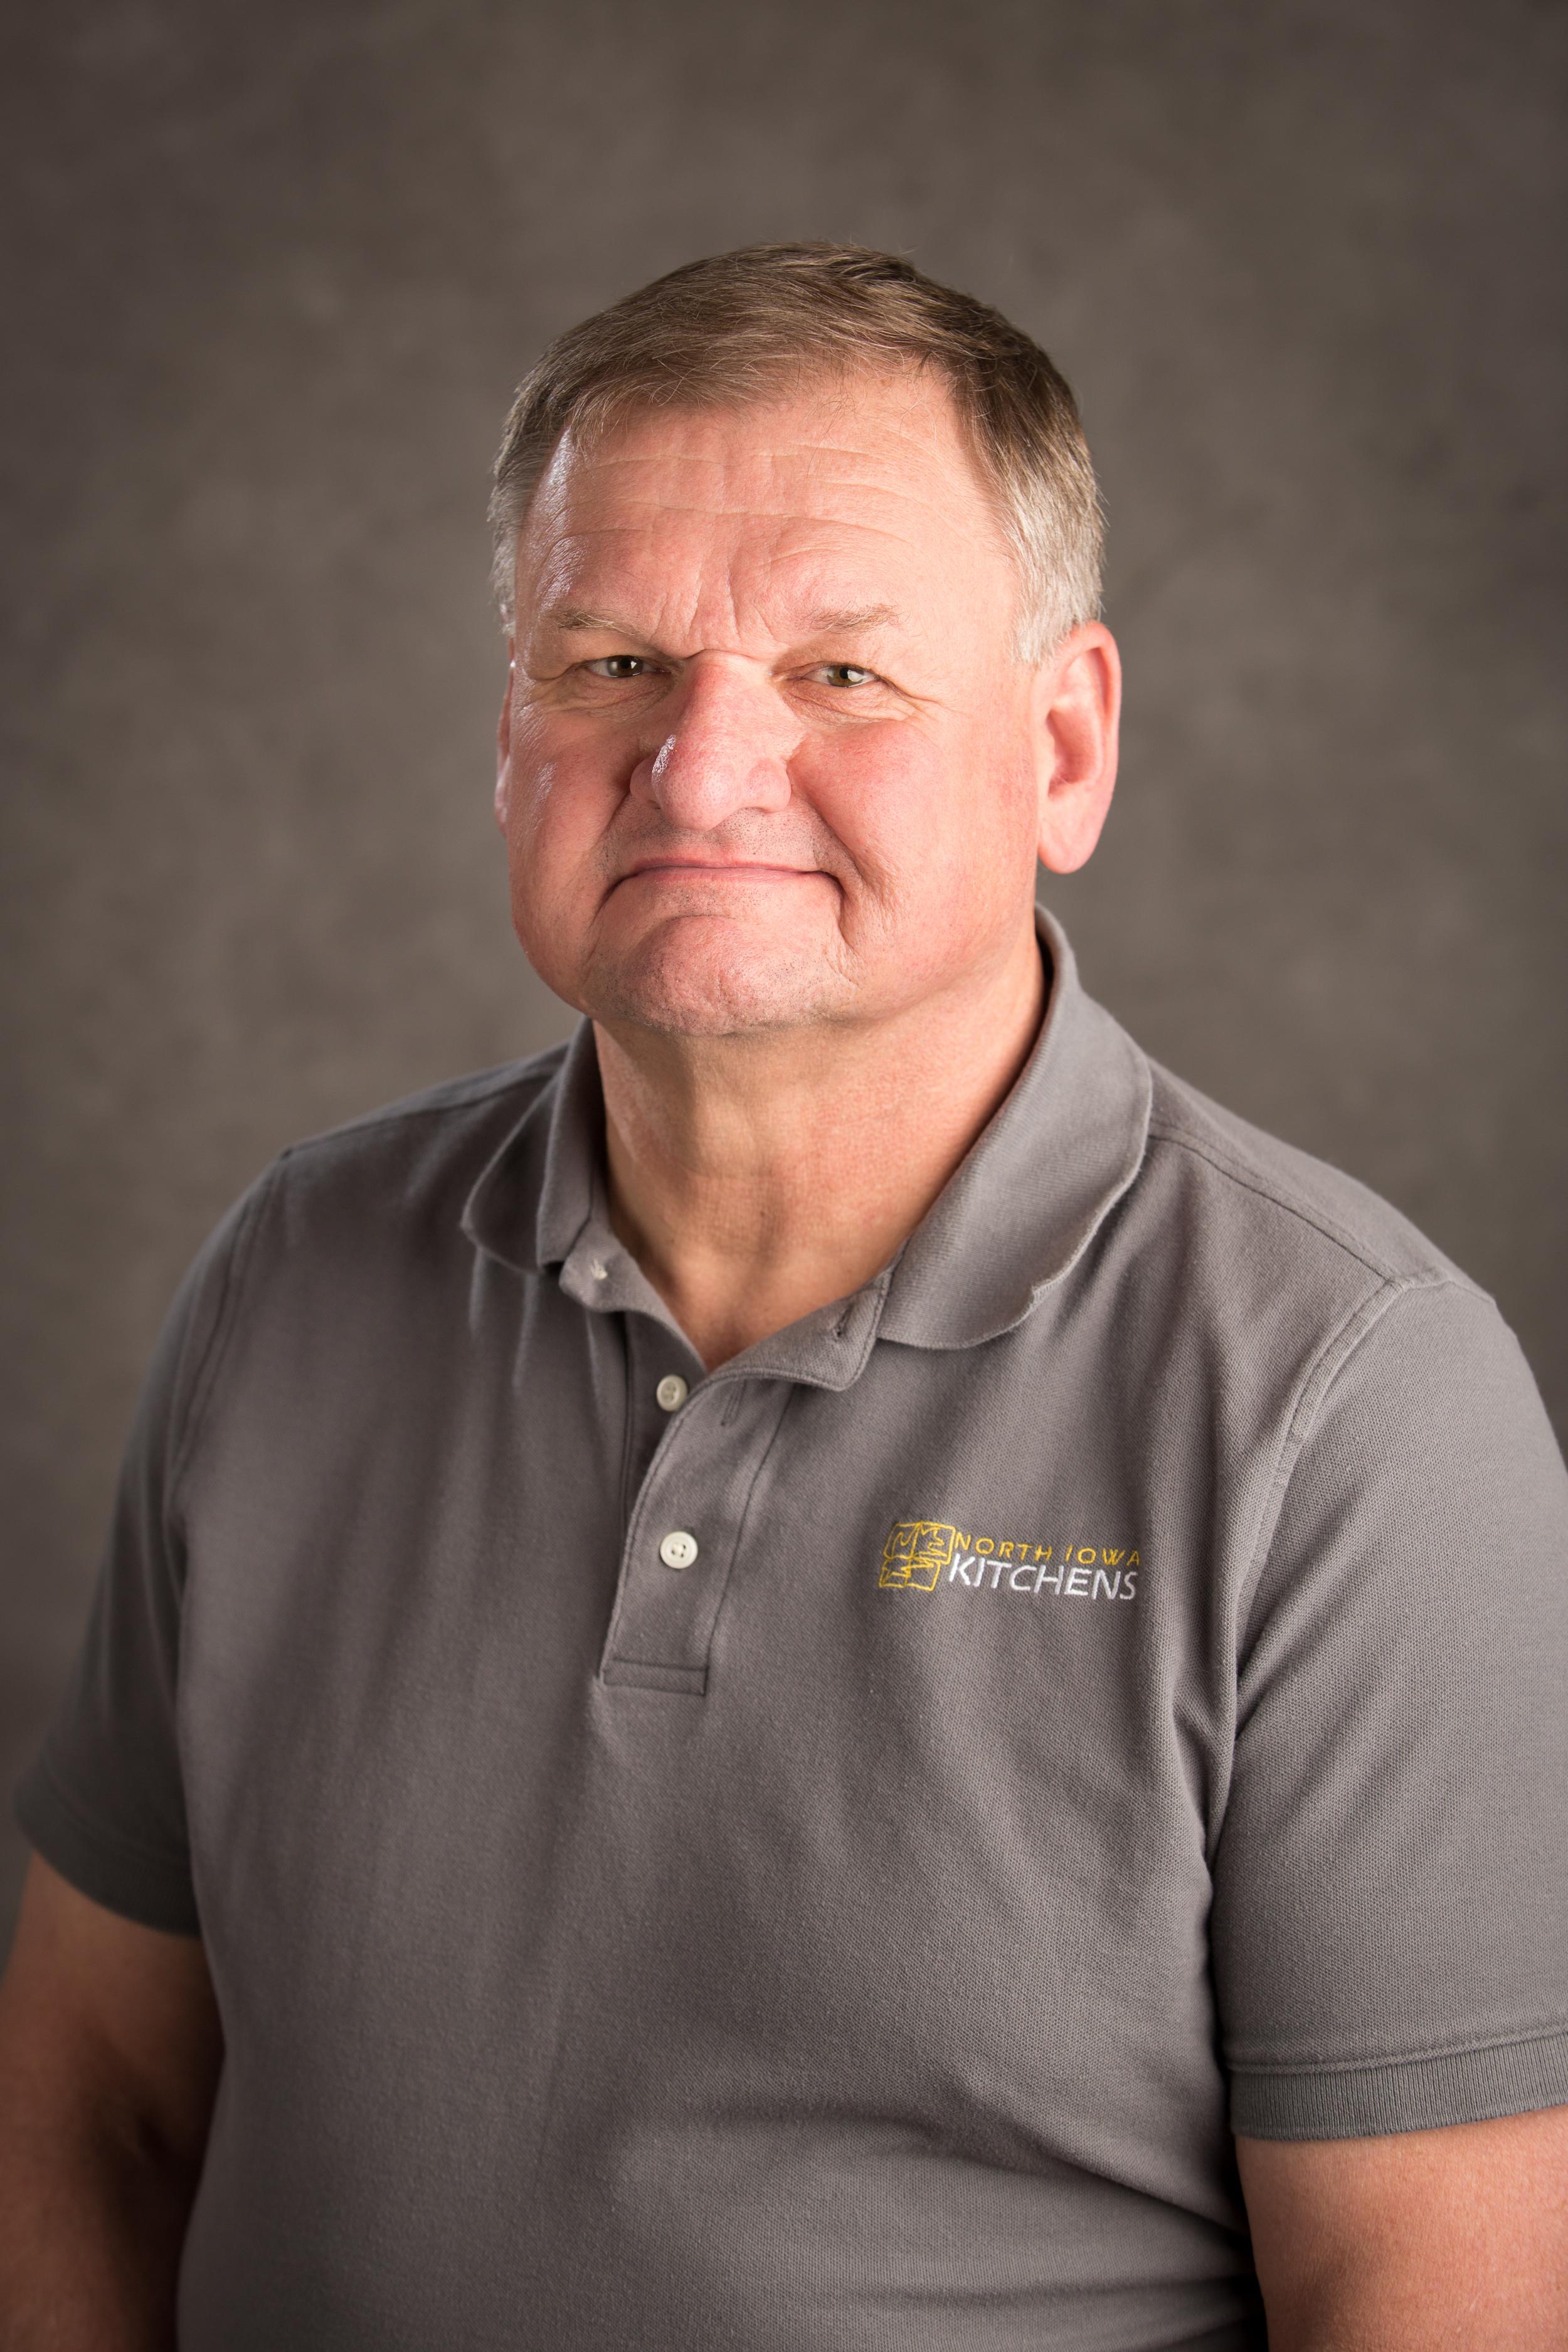 Paul Breister, Owner